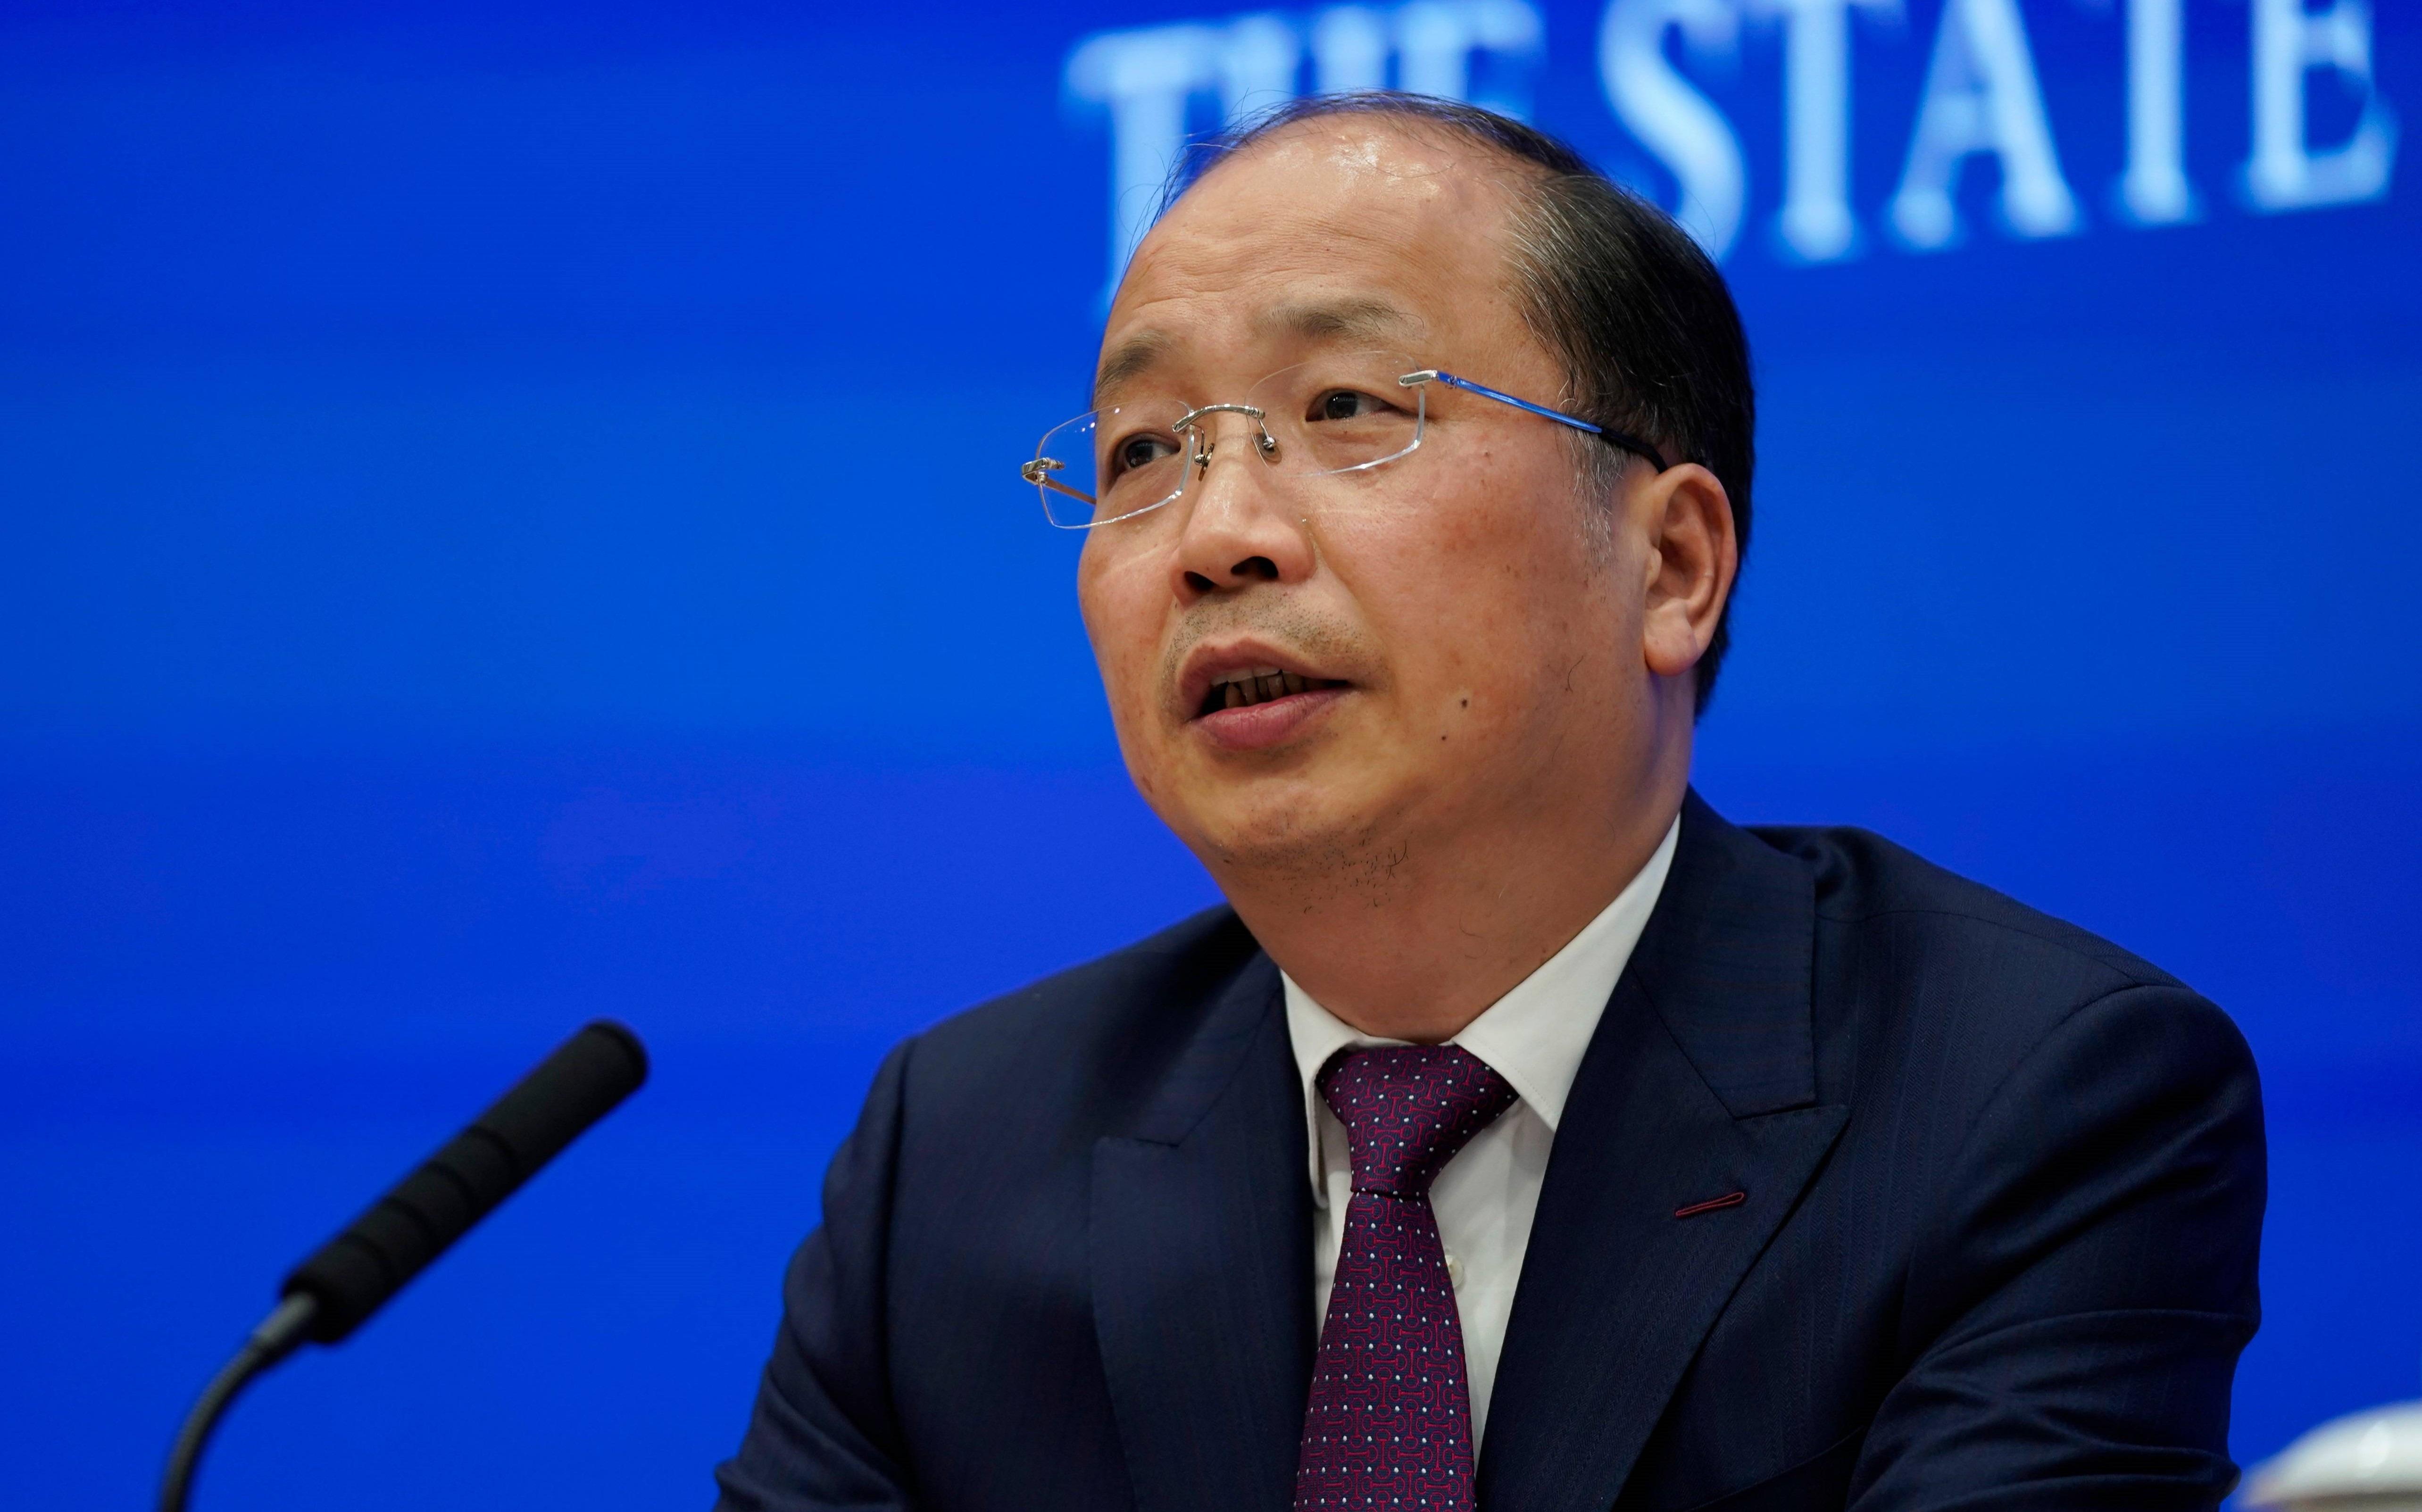 美股收割全球财富,是美国金融霸权的核心!中国该如何破局?